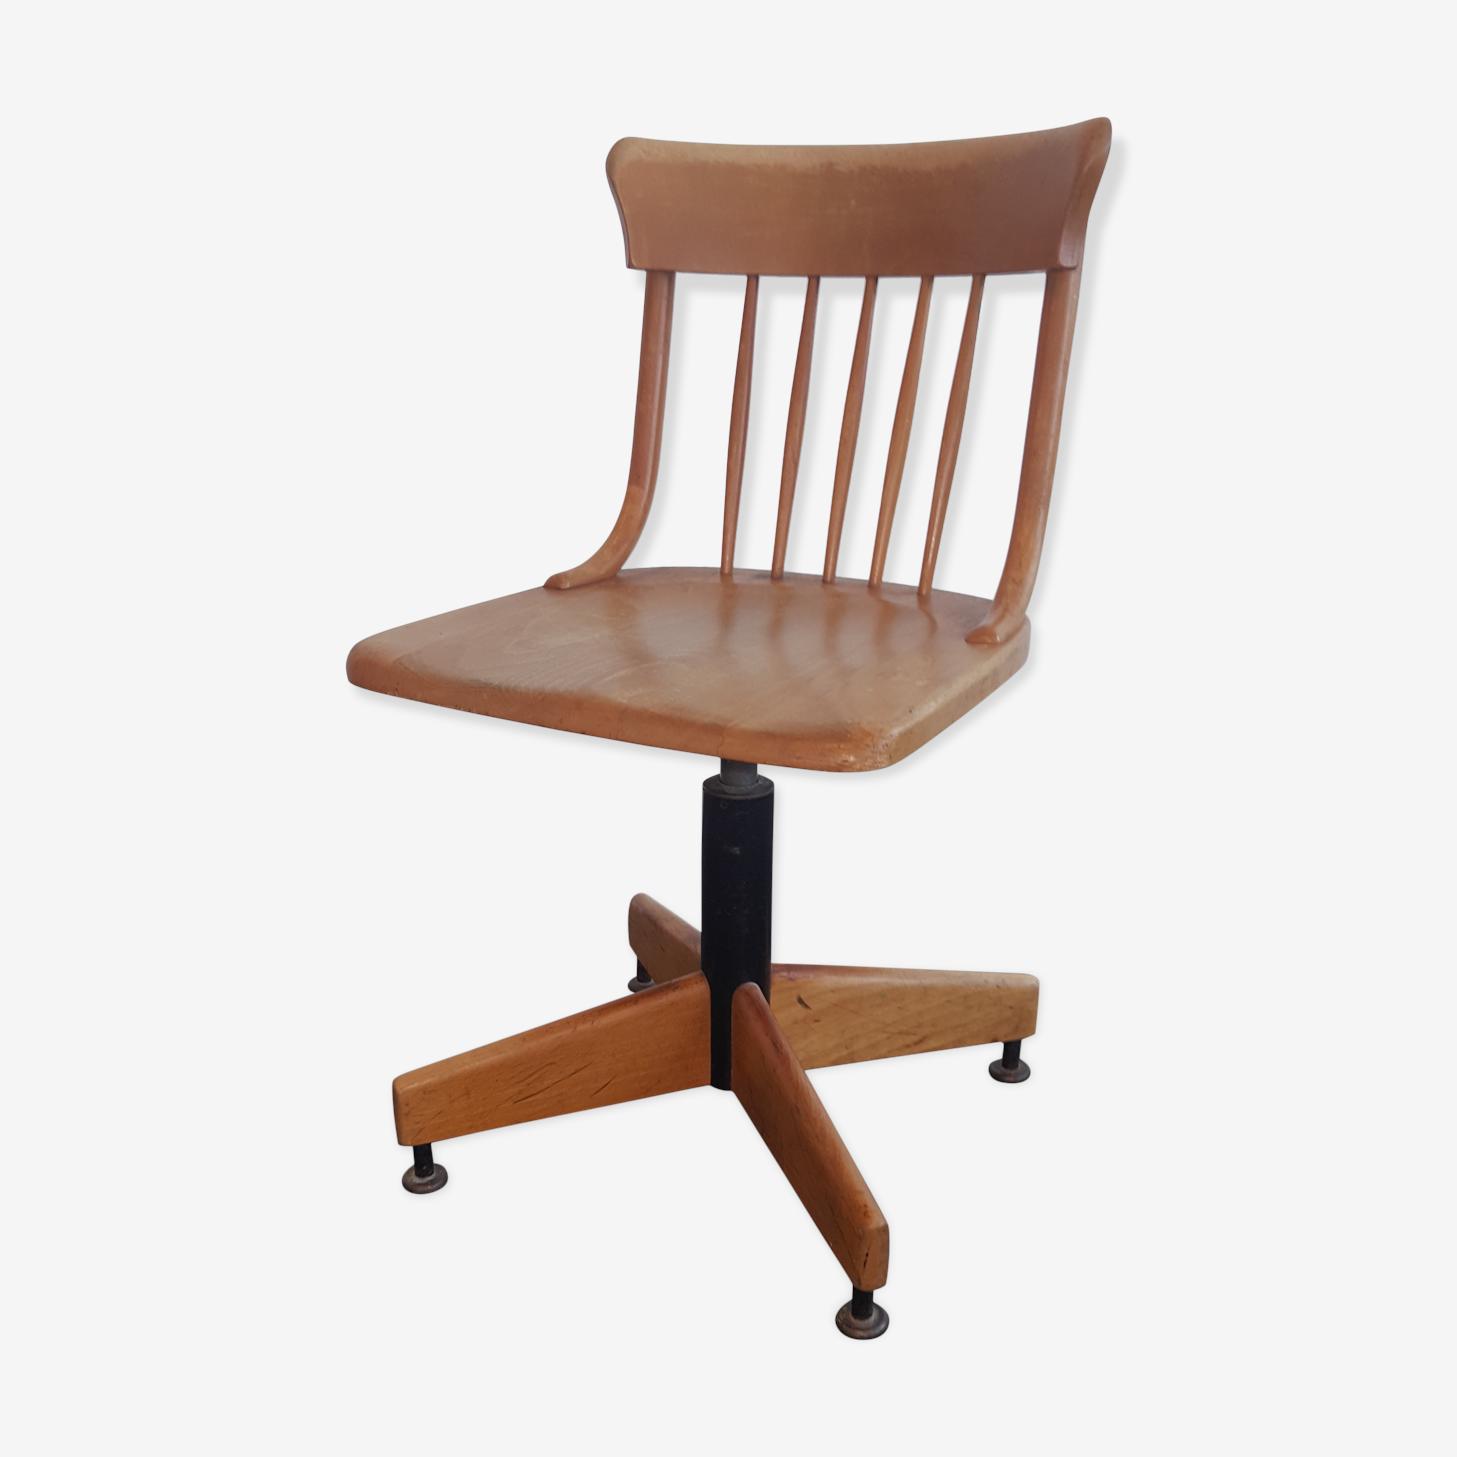 Chaise de Giroflexl Stoll, 1955